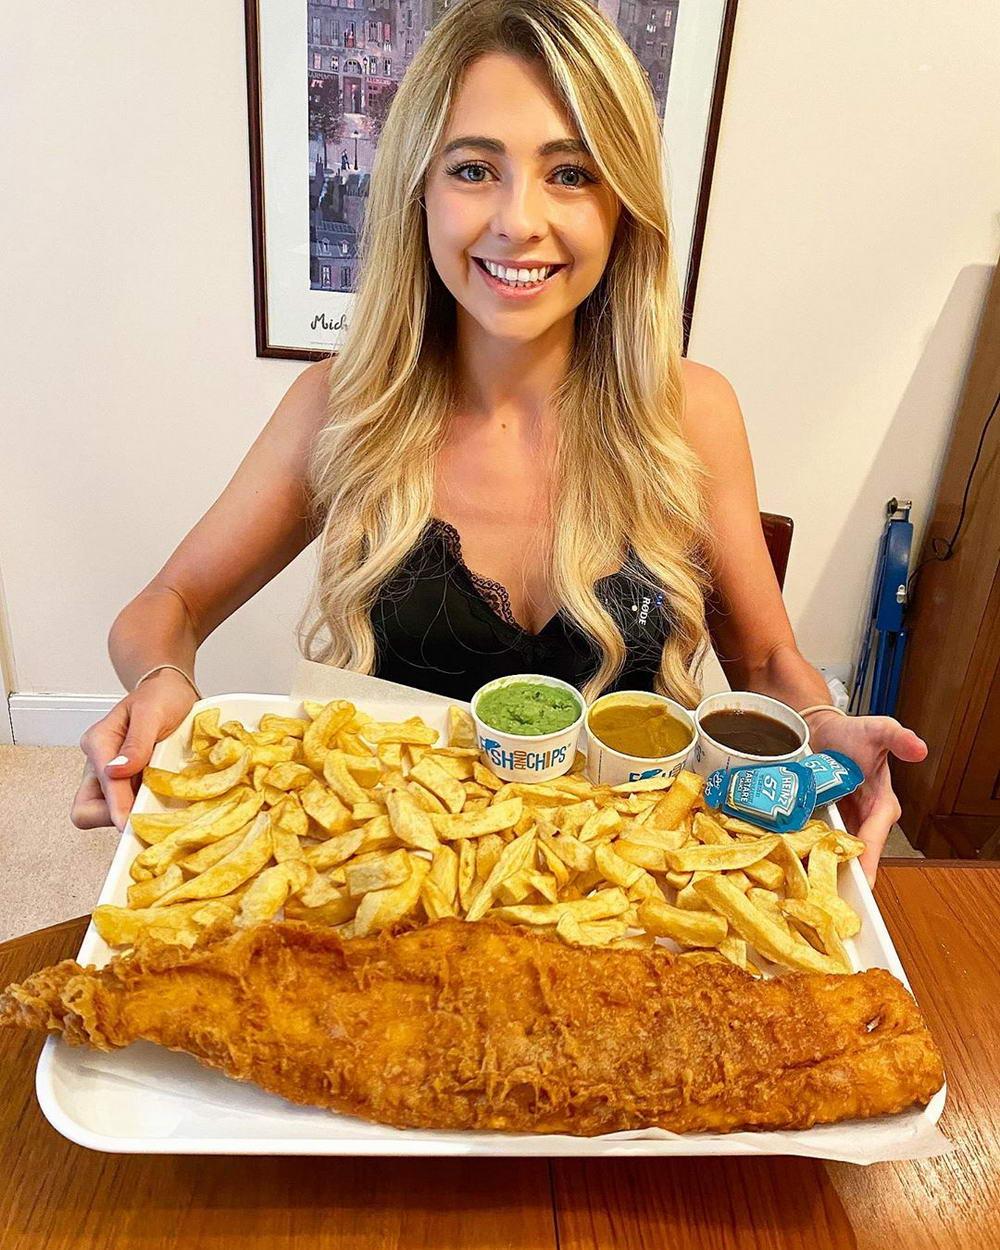 Девушка поглощает огромные порции еды и не поправляется (фото + видео)